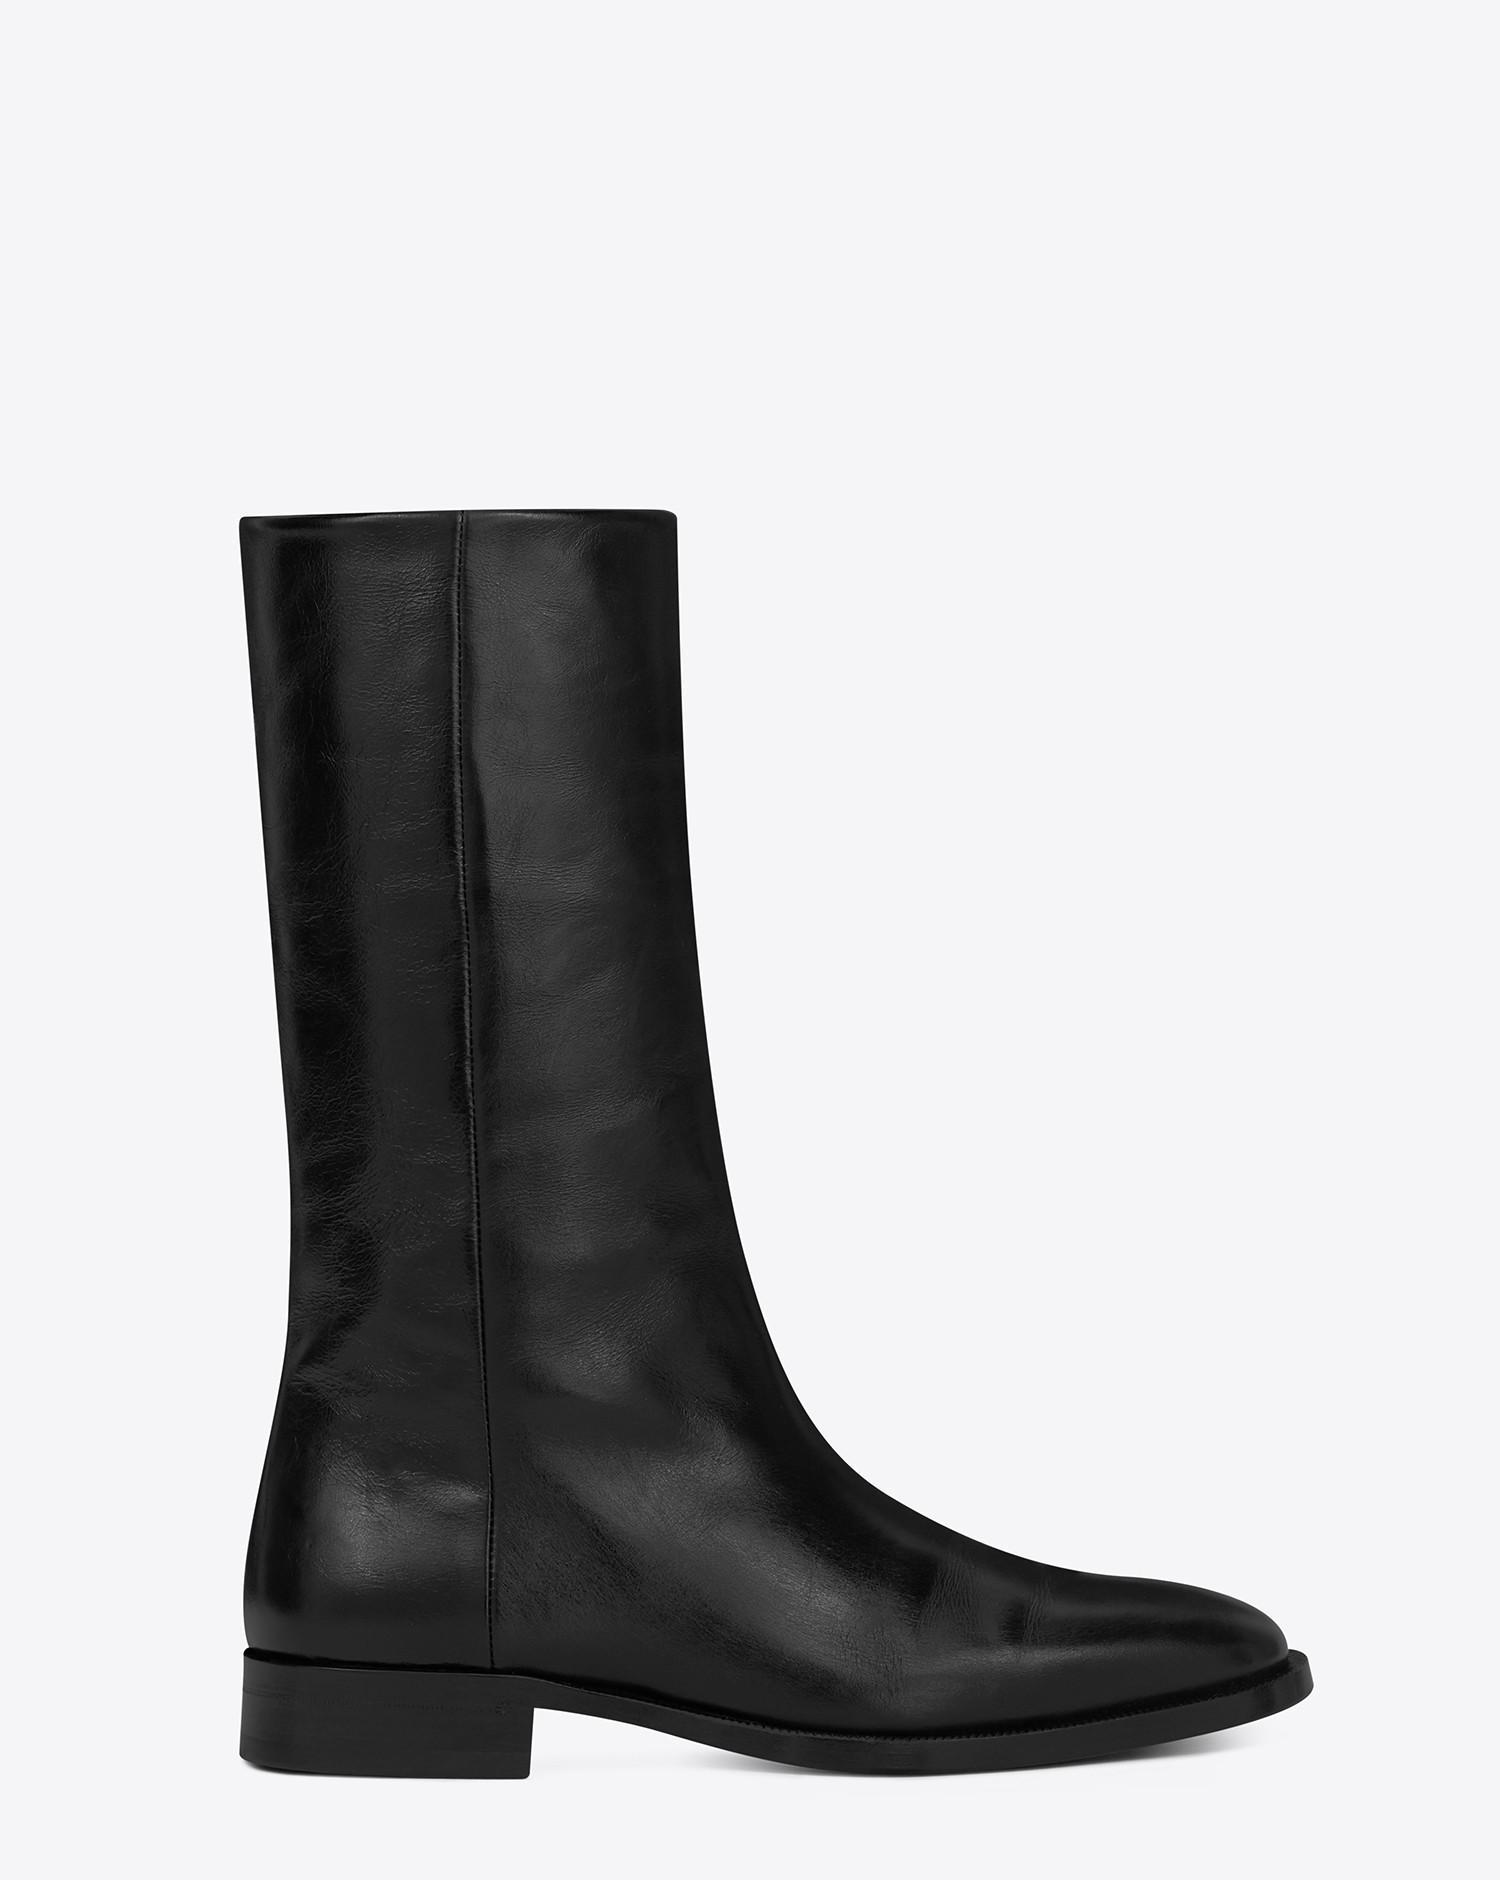 2995198985 Women's Matt 25 Ankle Boot In Black Moroder Leather